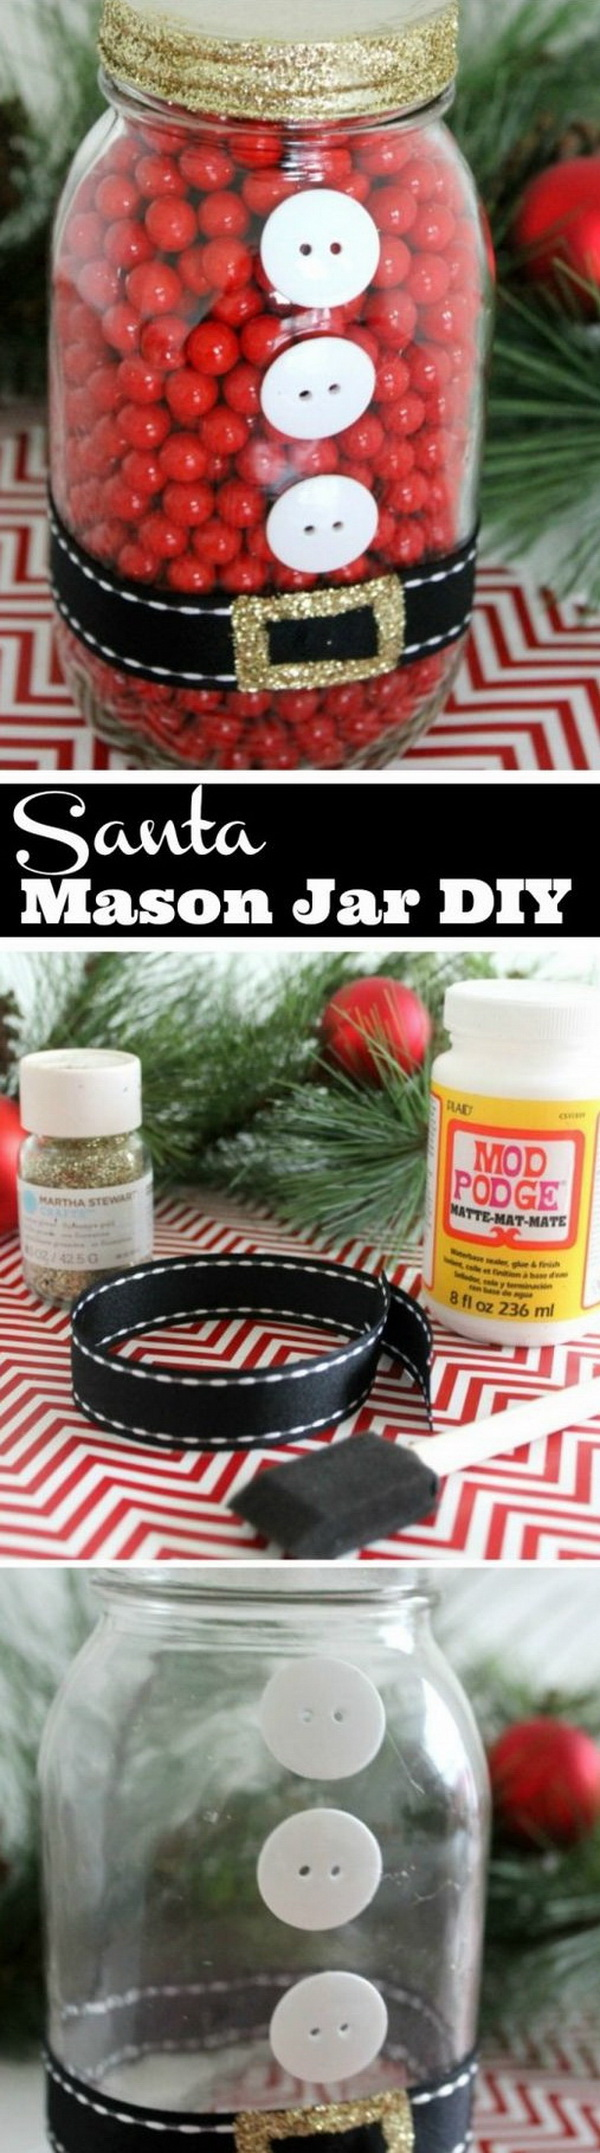 DIY Santa Mason Jar.